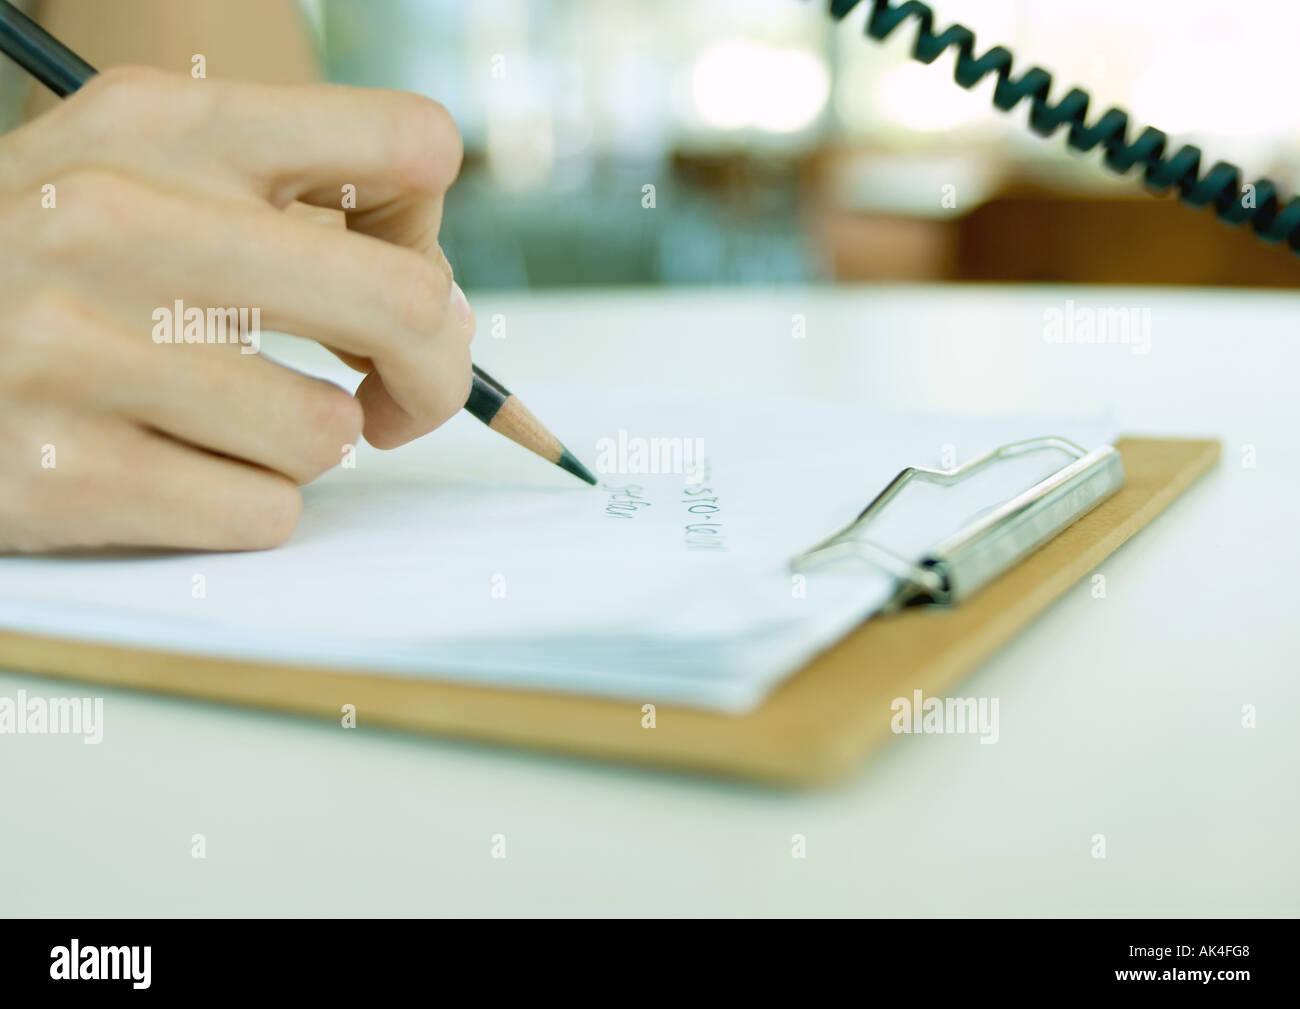 phone writing